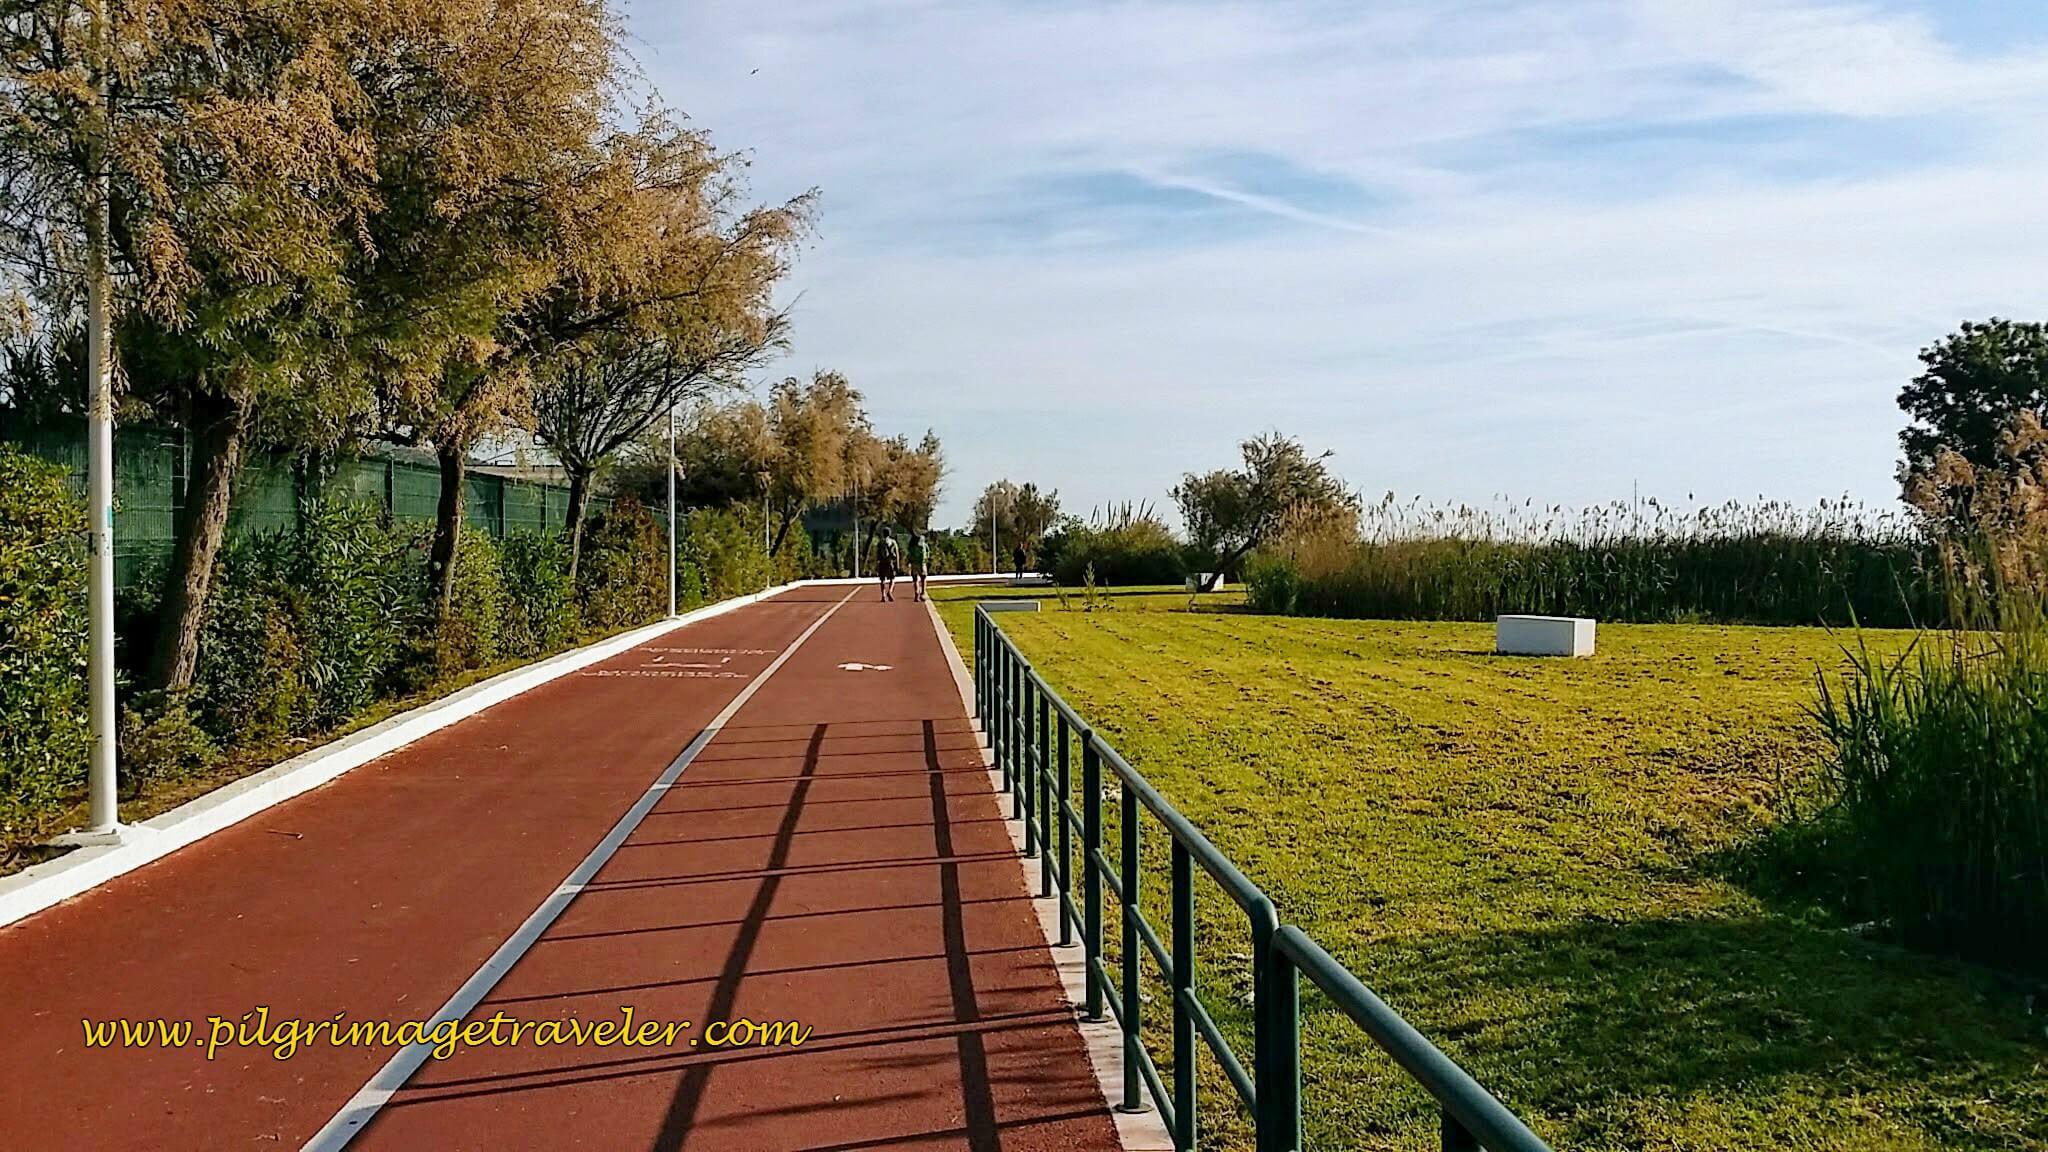 Caminho Pedronal Ribeirinho, 2-way Walking/Jogging Track Along the Tejo